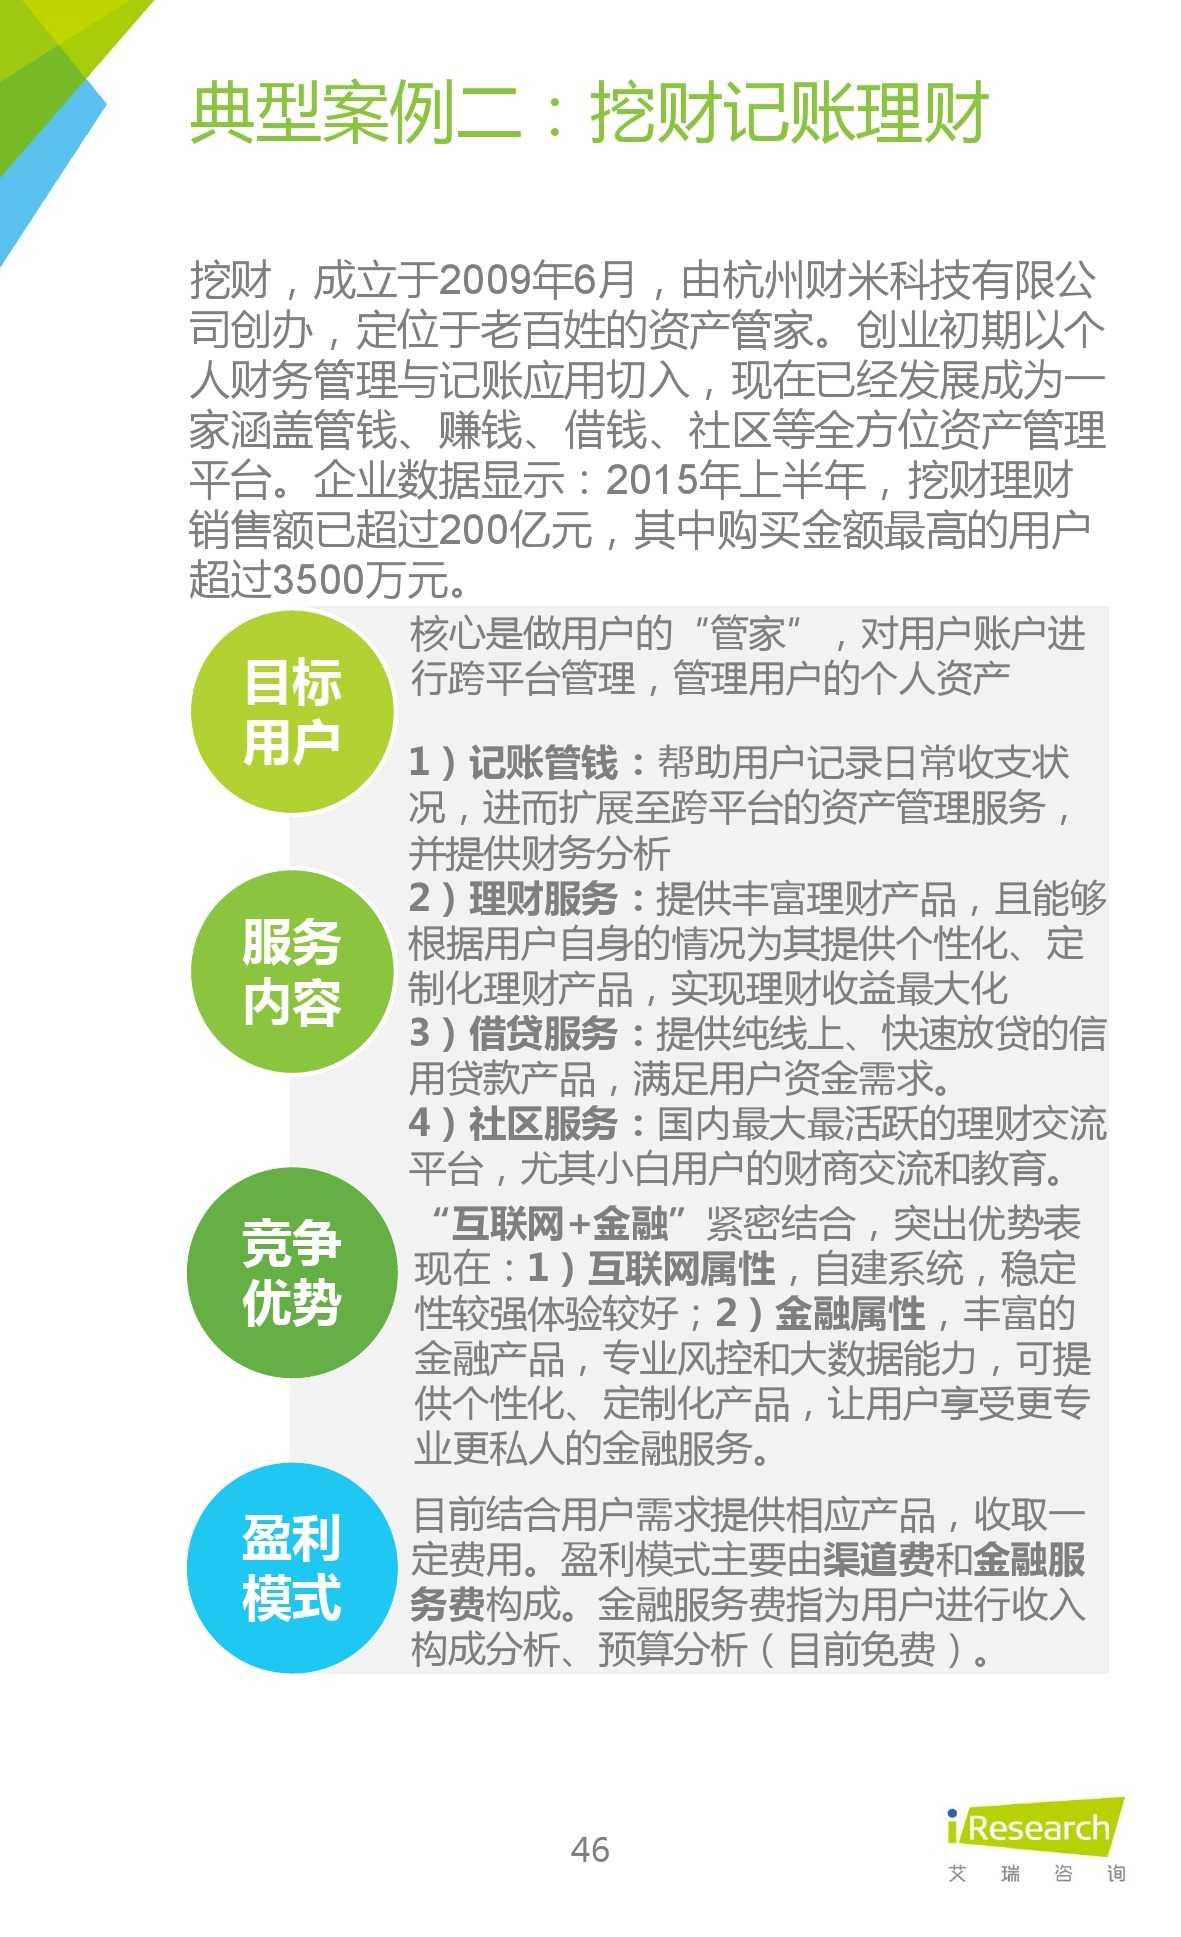 2015年中国生活理财移动App行业研究报告_000046